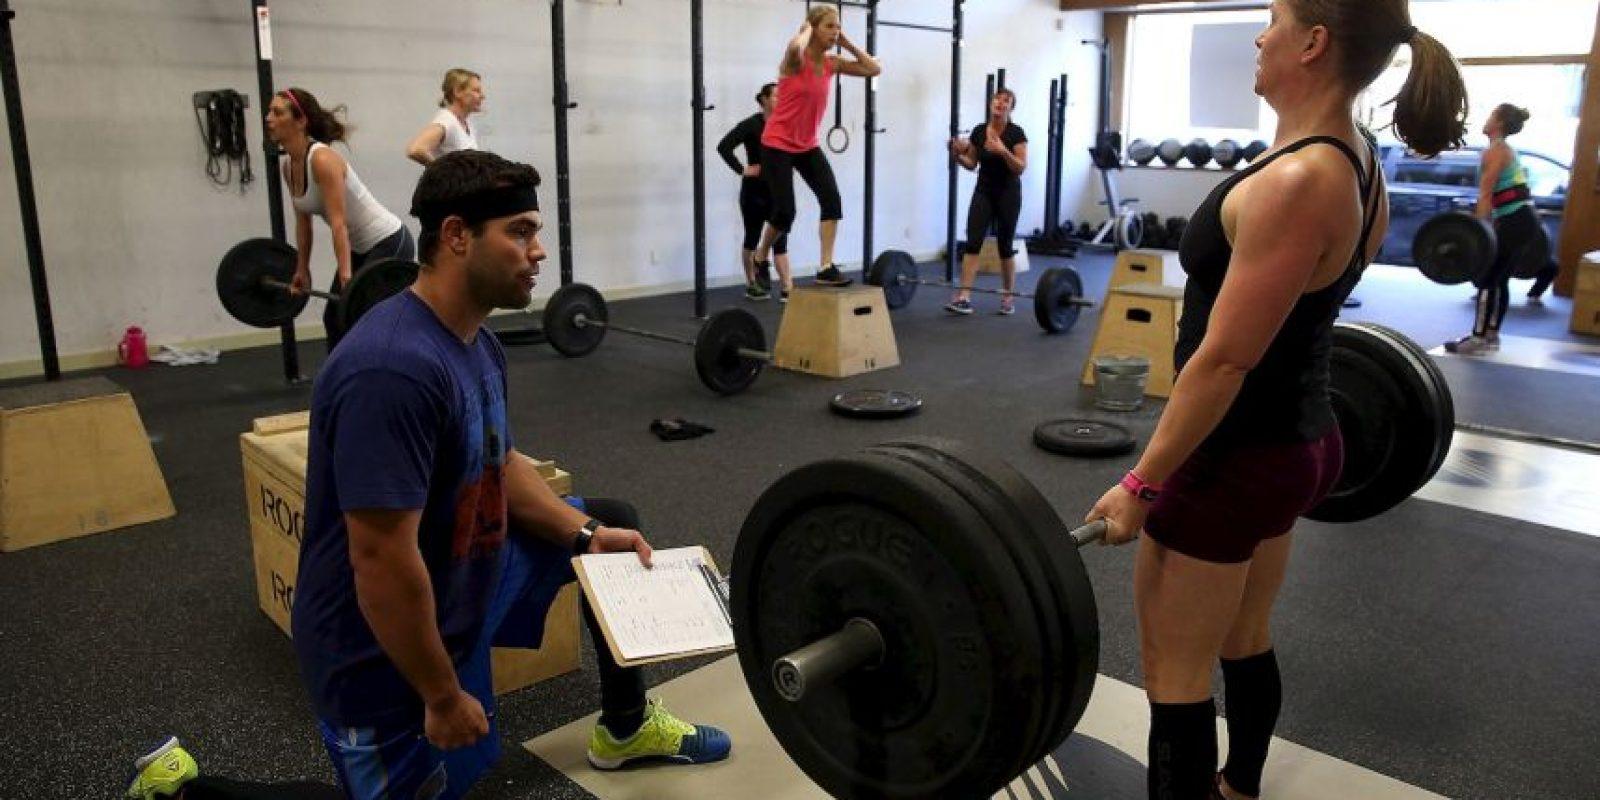 Investigadores de la Universidad McMaster, en Ontario, Canadá, aseguraron que 20 minutos de ejercicio al día son suficientes para obtener grandes beneficios. Foto:Getty Images